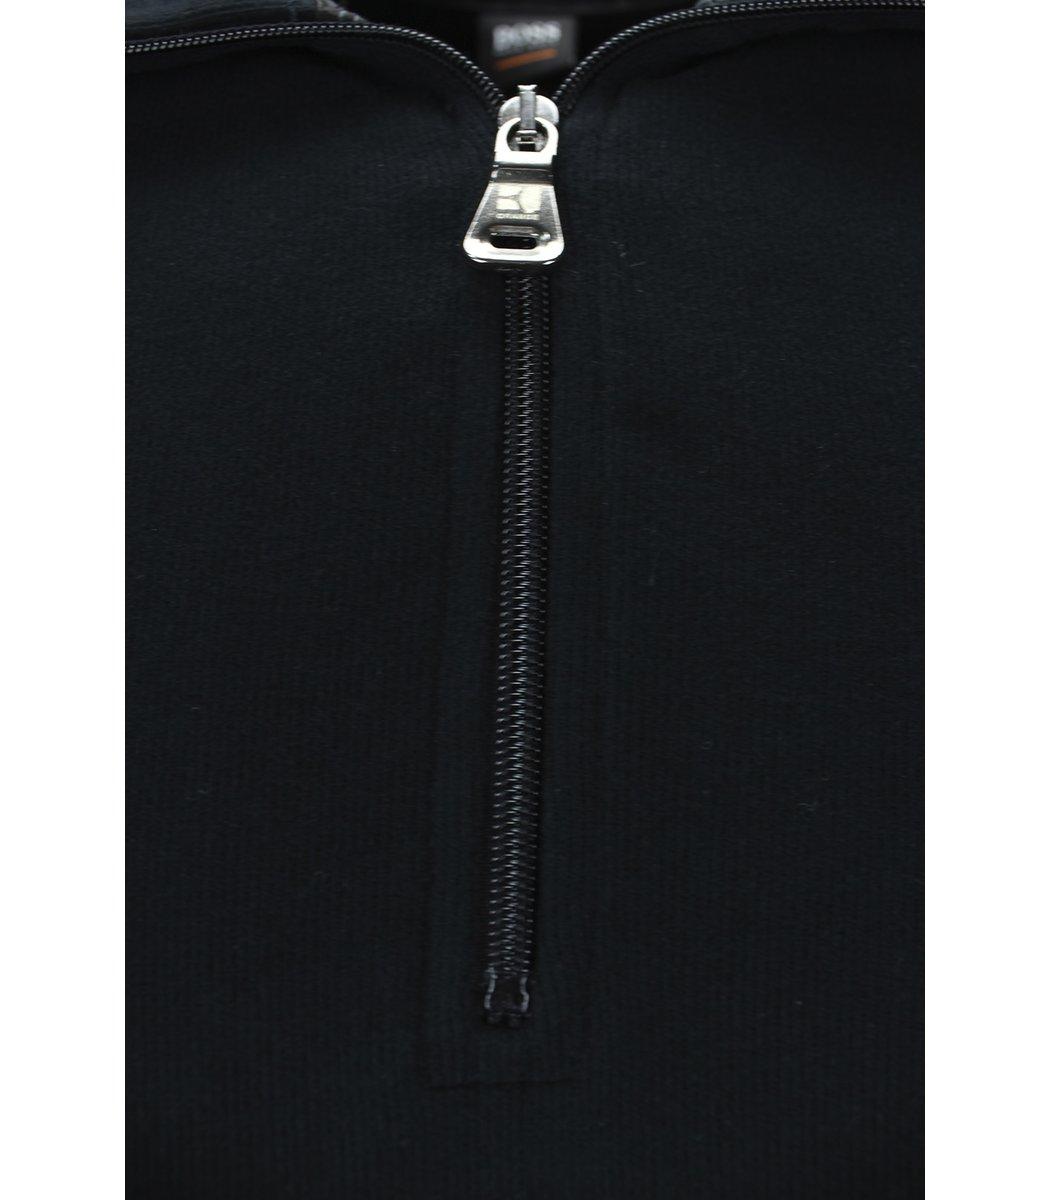 Черная кофта воротник стойка на молнии Hugo Boss CHB1